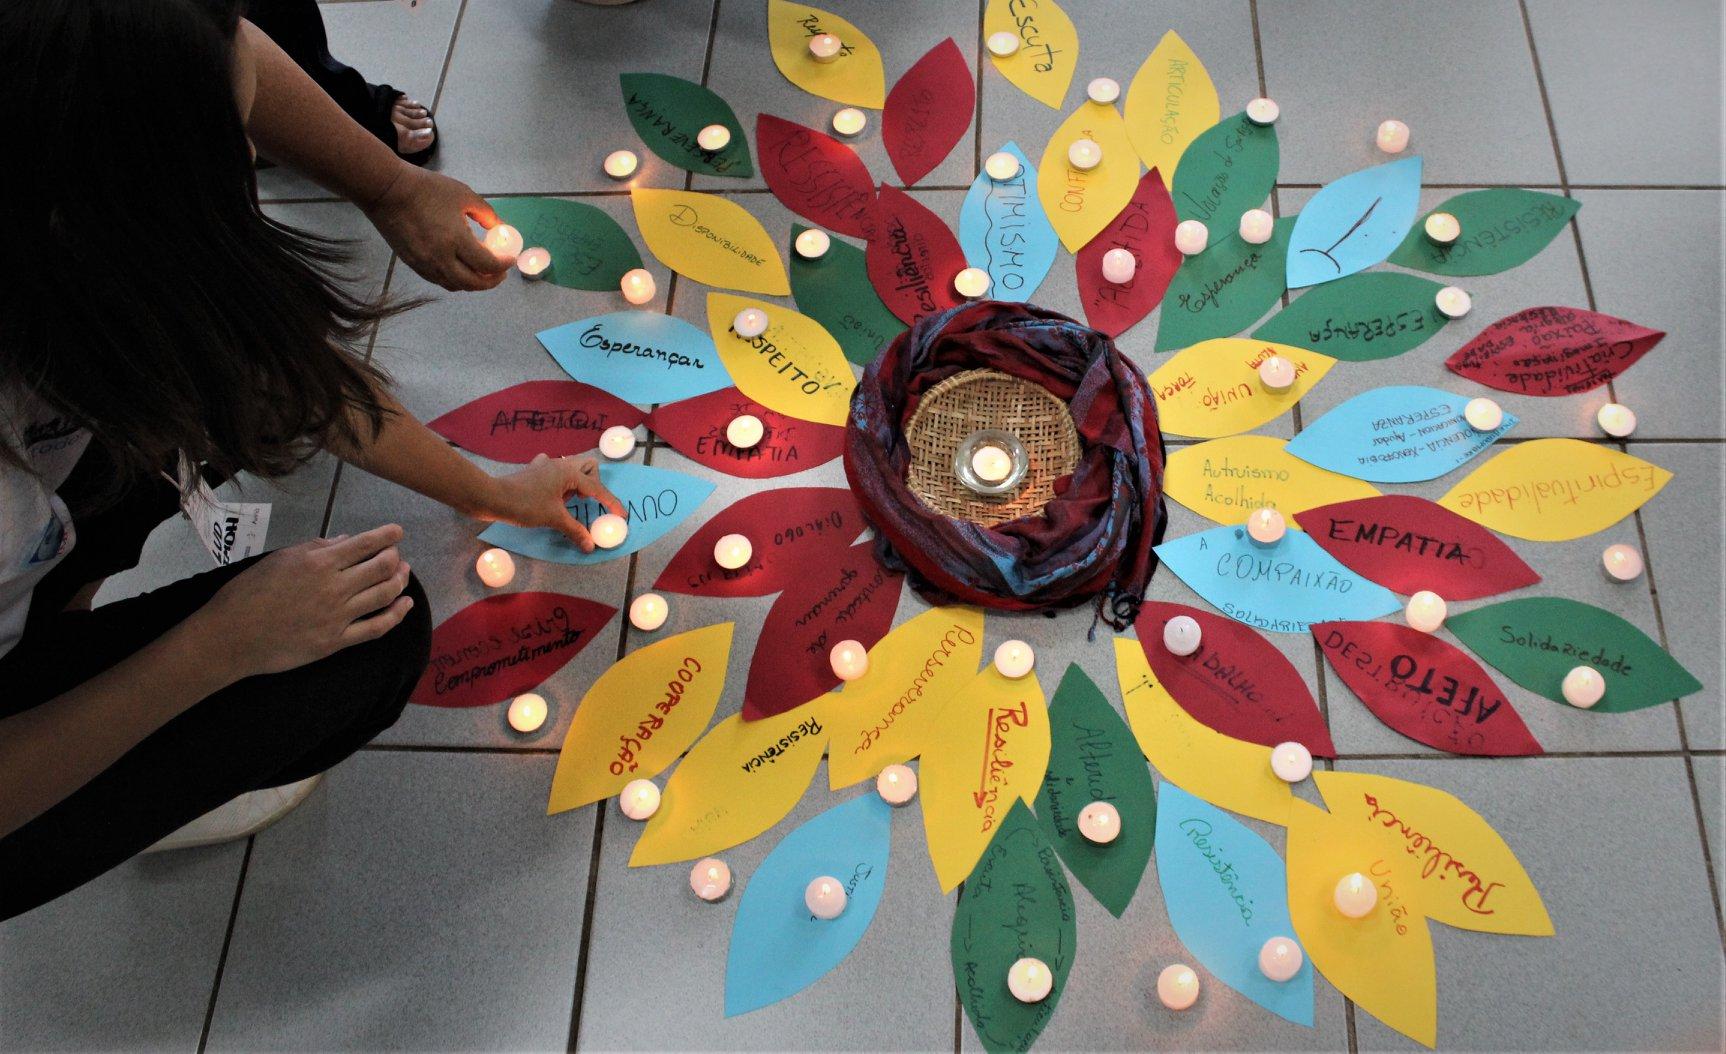 XIV Encontro da Rede Solidária para Migrantes e Refugiados reúne mais de 30 organizações